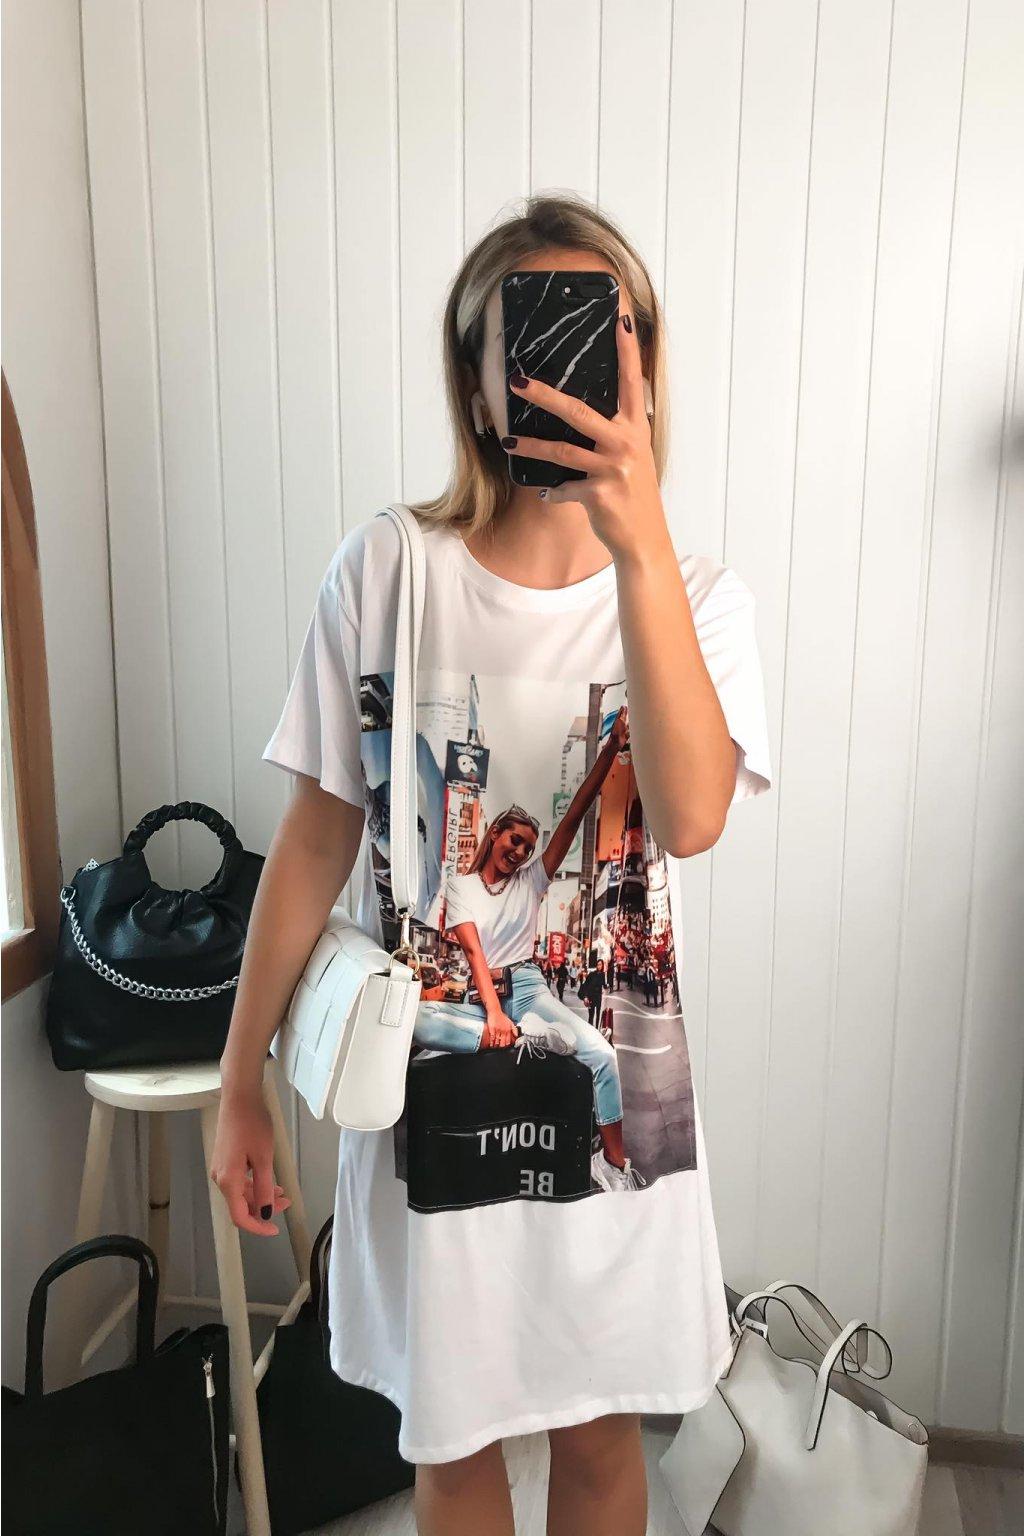 Biele predĺžené tričko, tričko s potlačou, tričkové šaty, bavlnené tričko, cribs.sk, butik prešov, Hlavná 120, Bardejov, trendy, štýlové dlhé tričko , tričko s dizajnom, new york tričko (1)